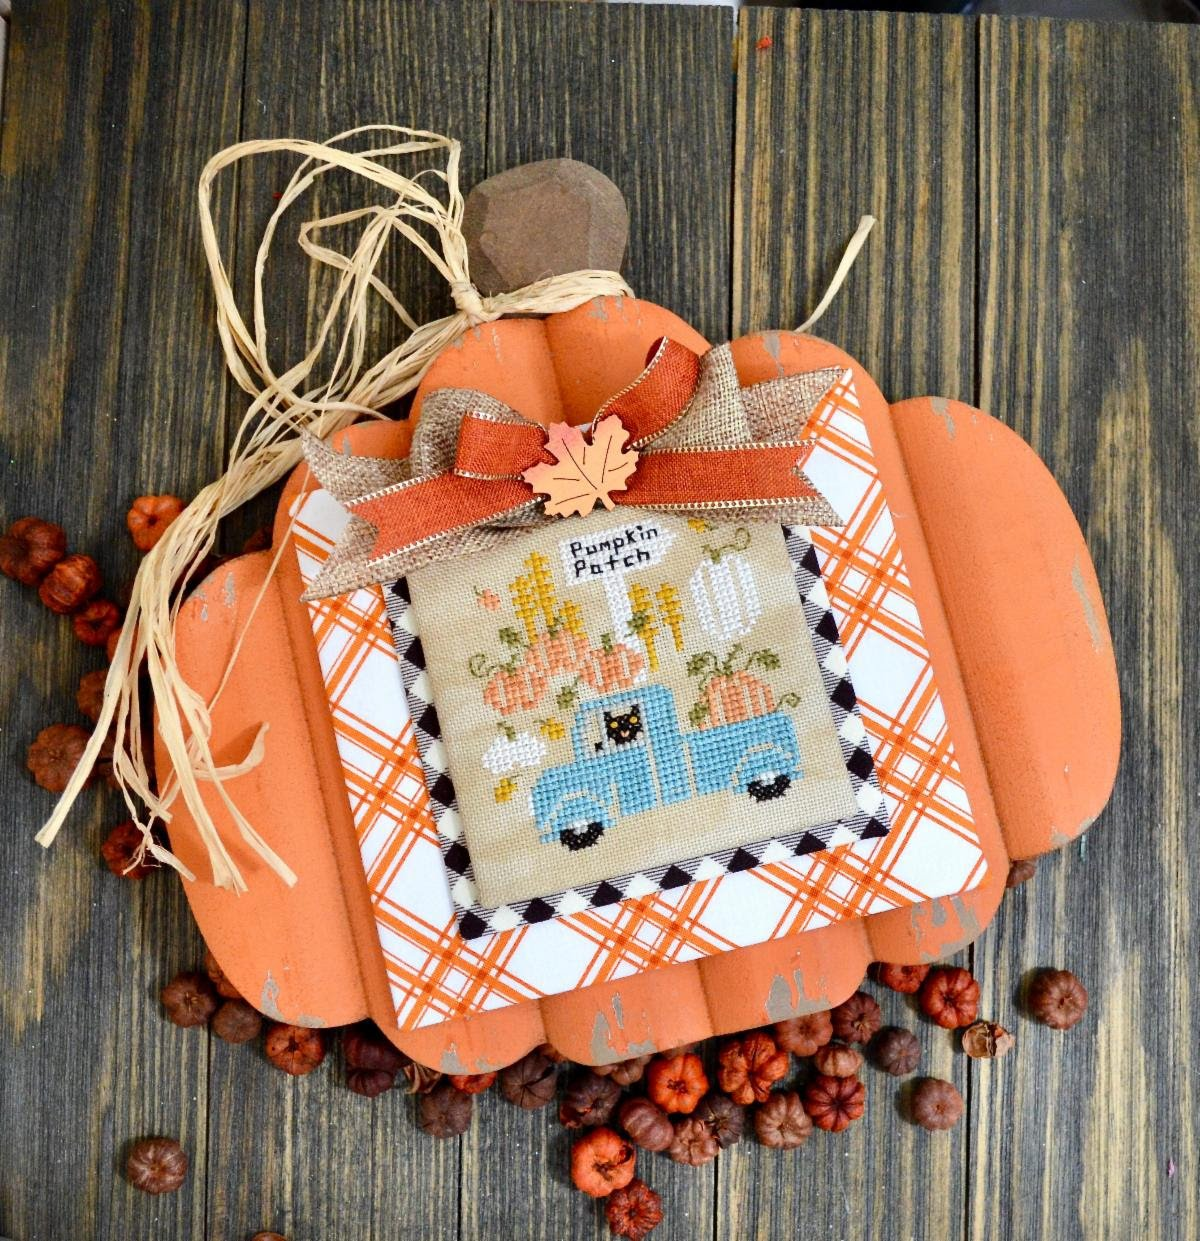 Pumpkin Pickin' chart - Annie Beez